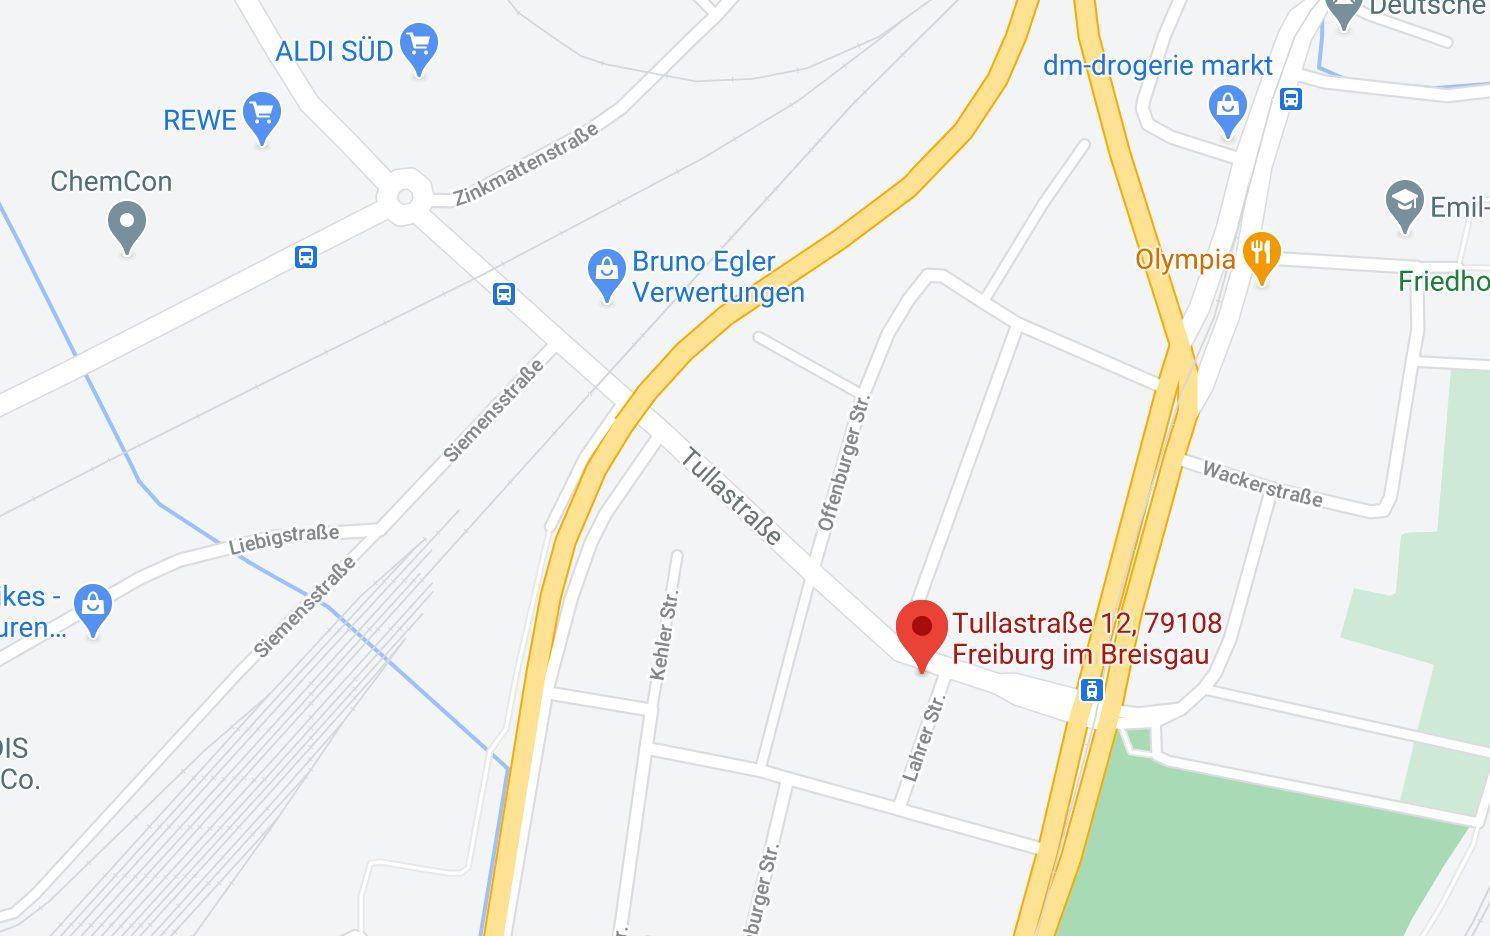 Kosmetik und Entspannung bei Bianca Aebi Freiburg - Tullastrasse